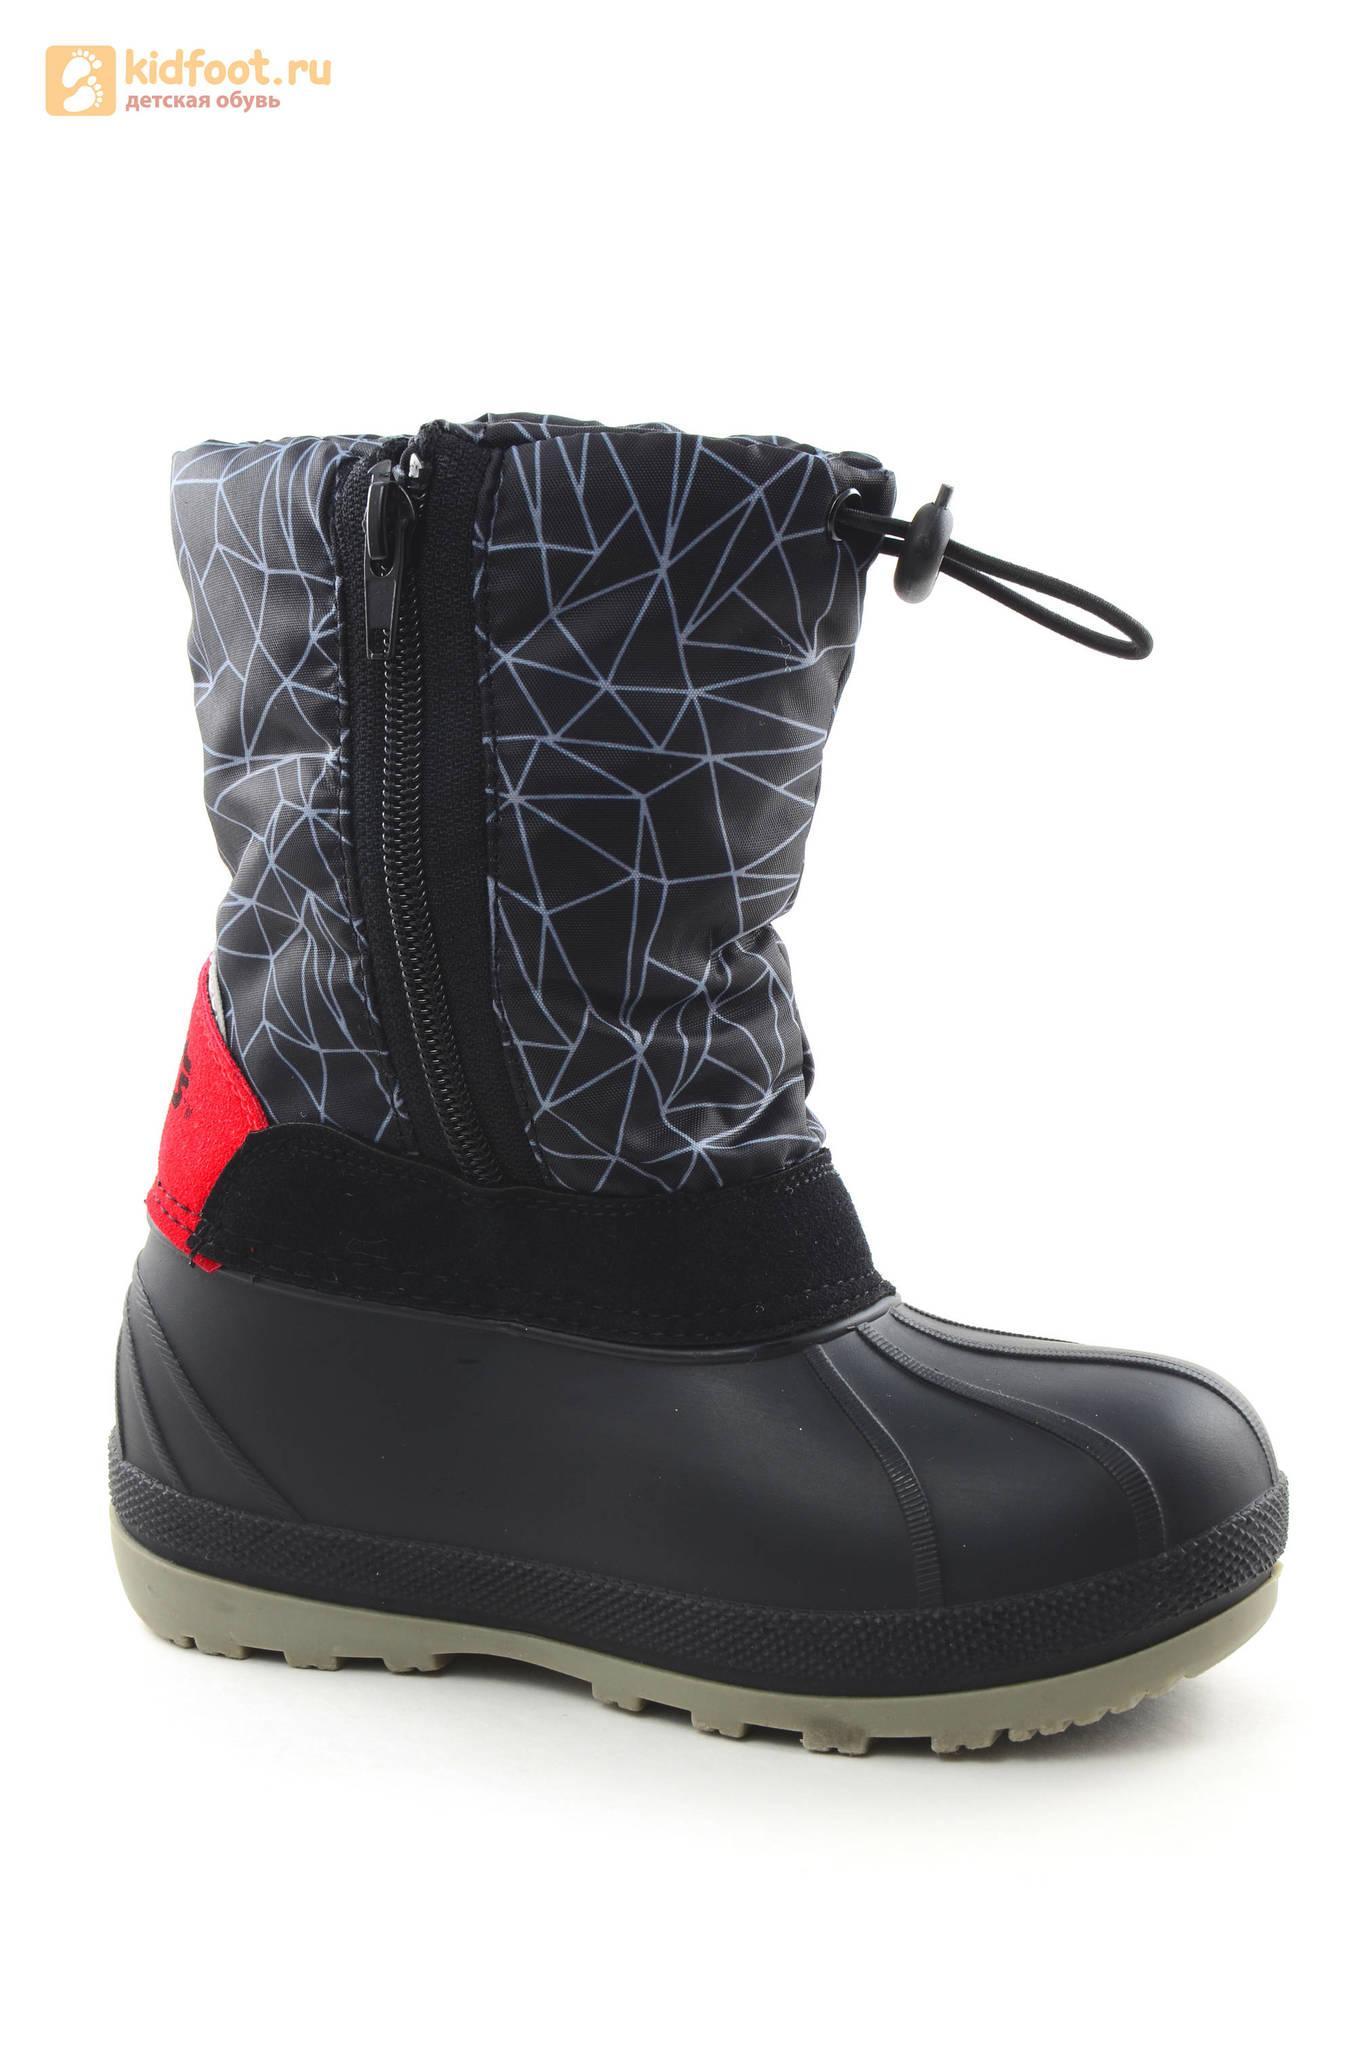 Зимние сапоги для мальчиков непромокаемые с резиновой галошей Звездные войны (Star Wars), цвет черный, Water Resistant